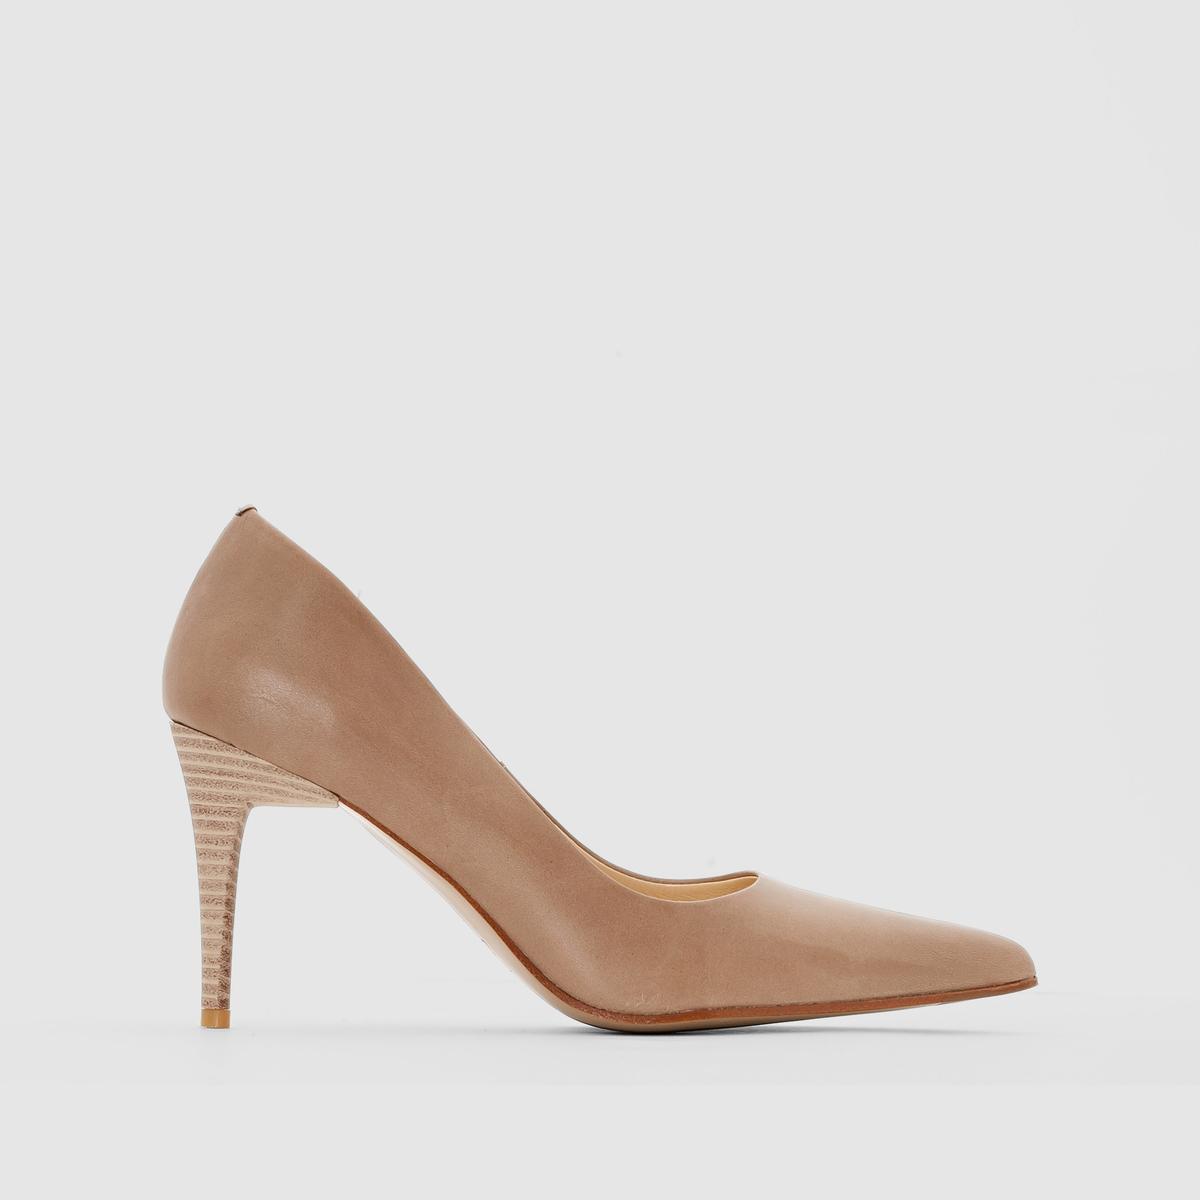 Туфли кожаные на высоком каблуке, ELIZABETH STUART, LestonПреимущества: сдержанность и качество характеризуют эти туфли от ELIZABETH STUART, которые предлагают модный в этом сезоне дизайн.<br><br>Цвет: бежевый<br>Размер: 41.38